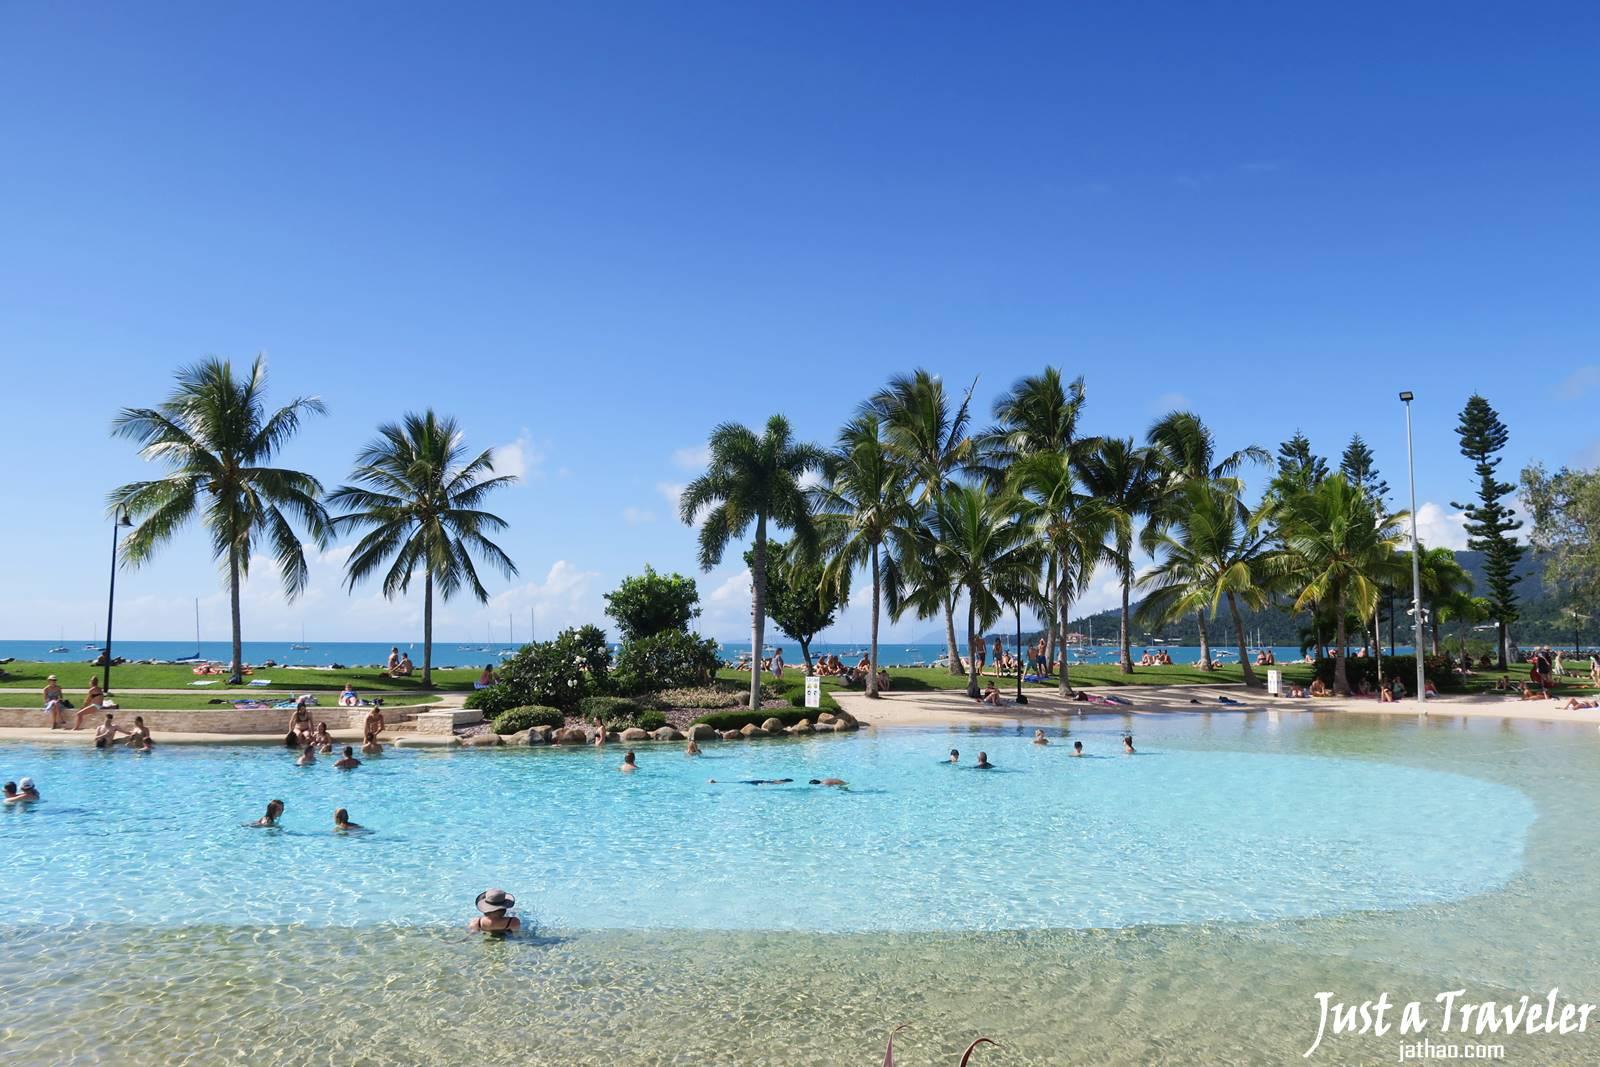 聖靈群島-艾爾利海灘-推薦-景點-潟湖-Lagoon-市區-旅遊-觀光-行程-遊記-自由行-一日遊-半日遊-Airlie-Beach-Travel-Attraction